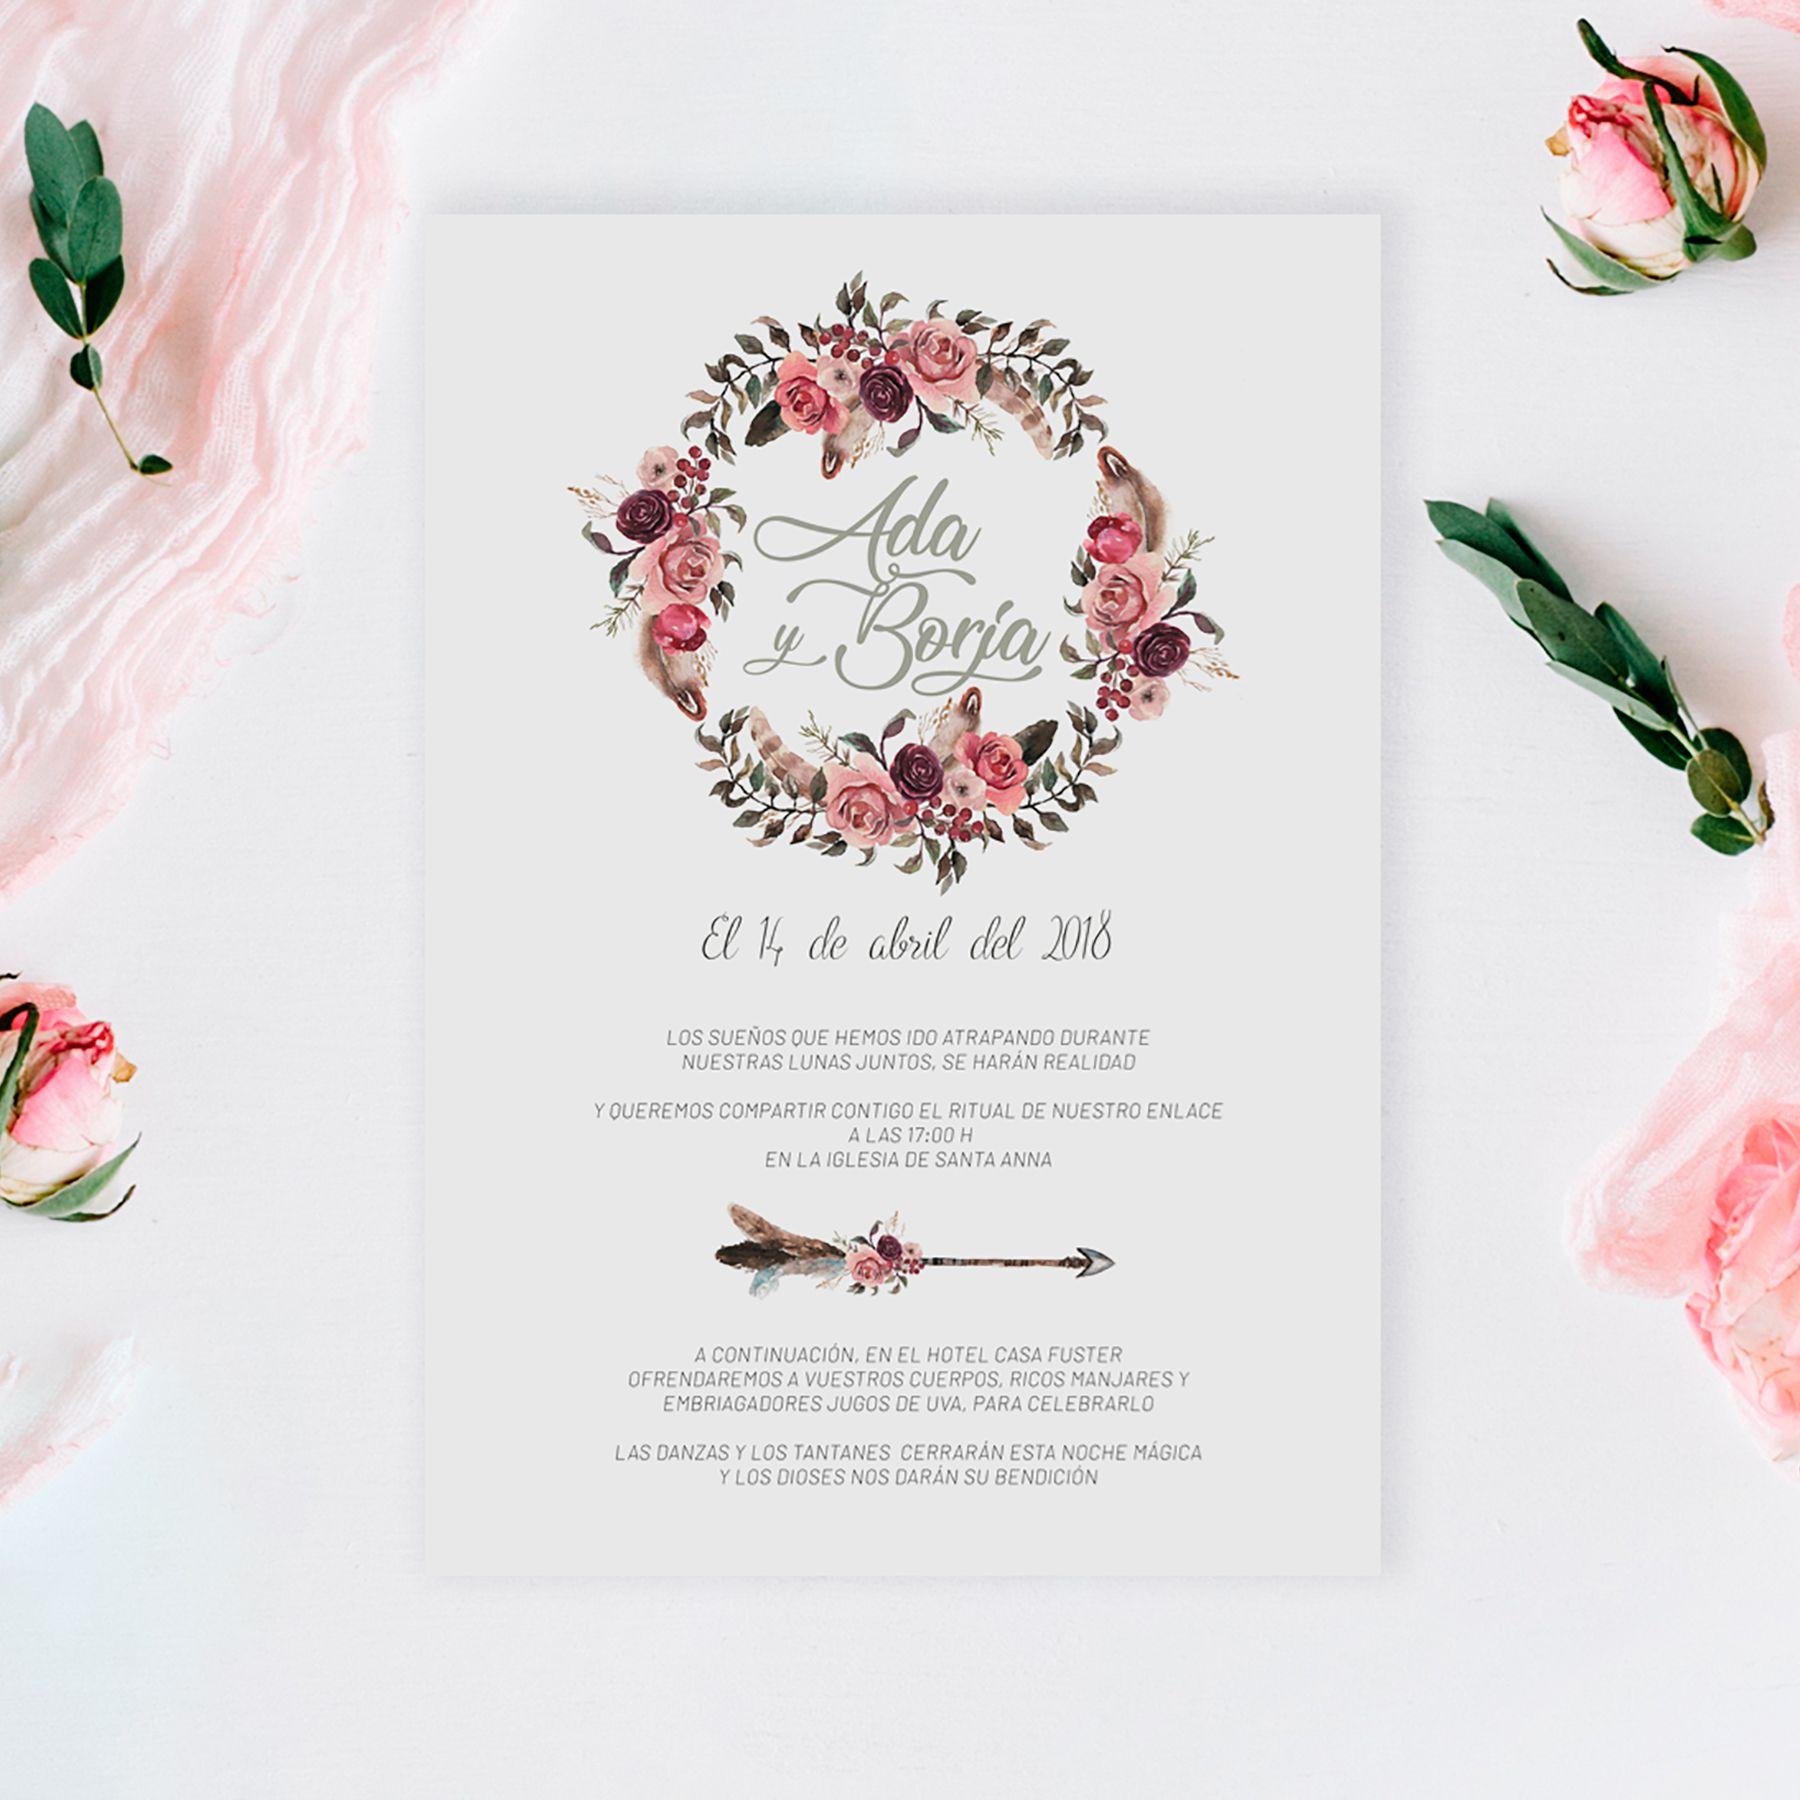 Invitacion-de-boda-indie